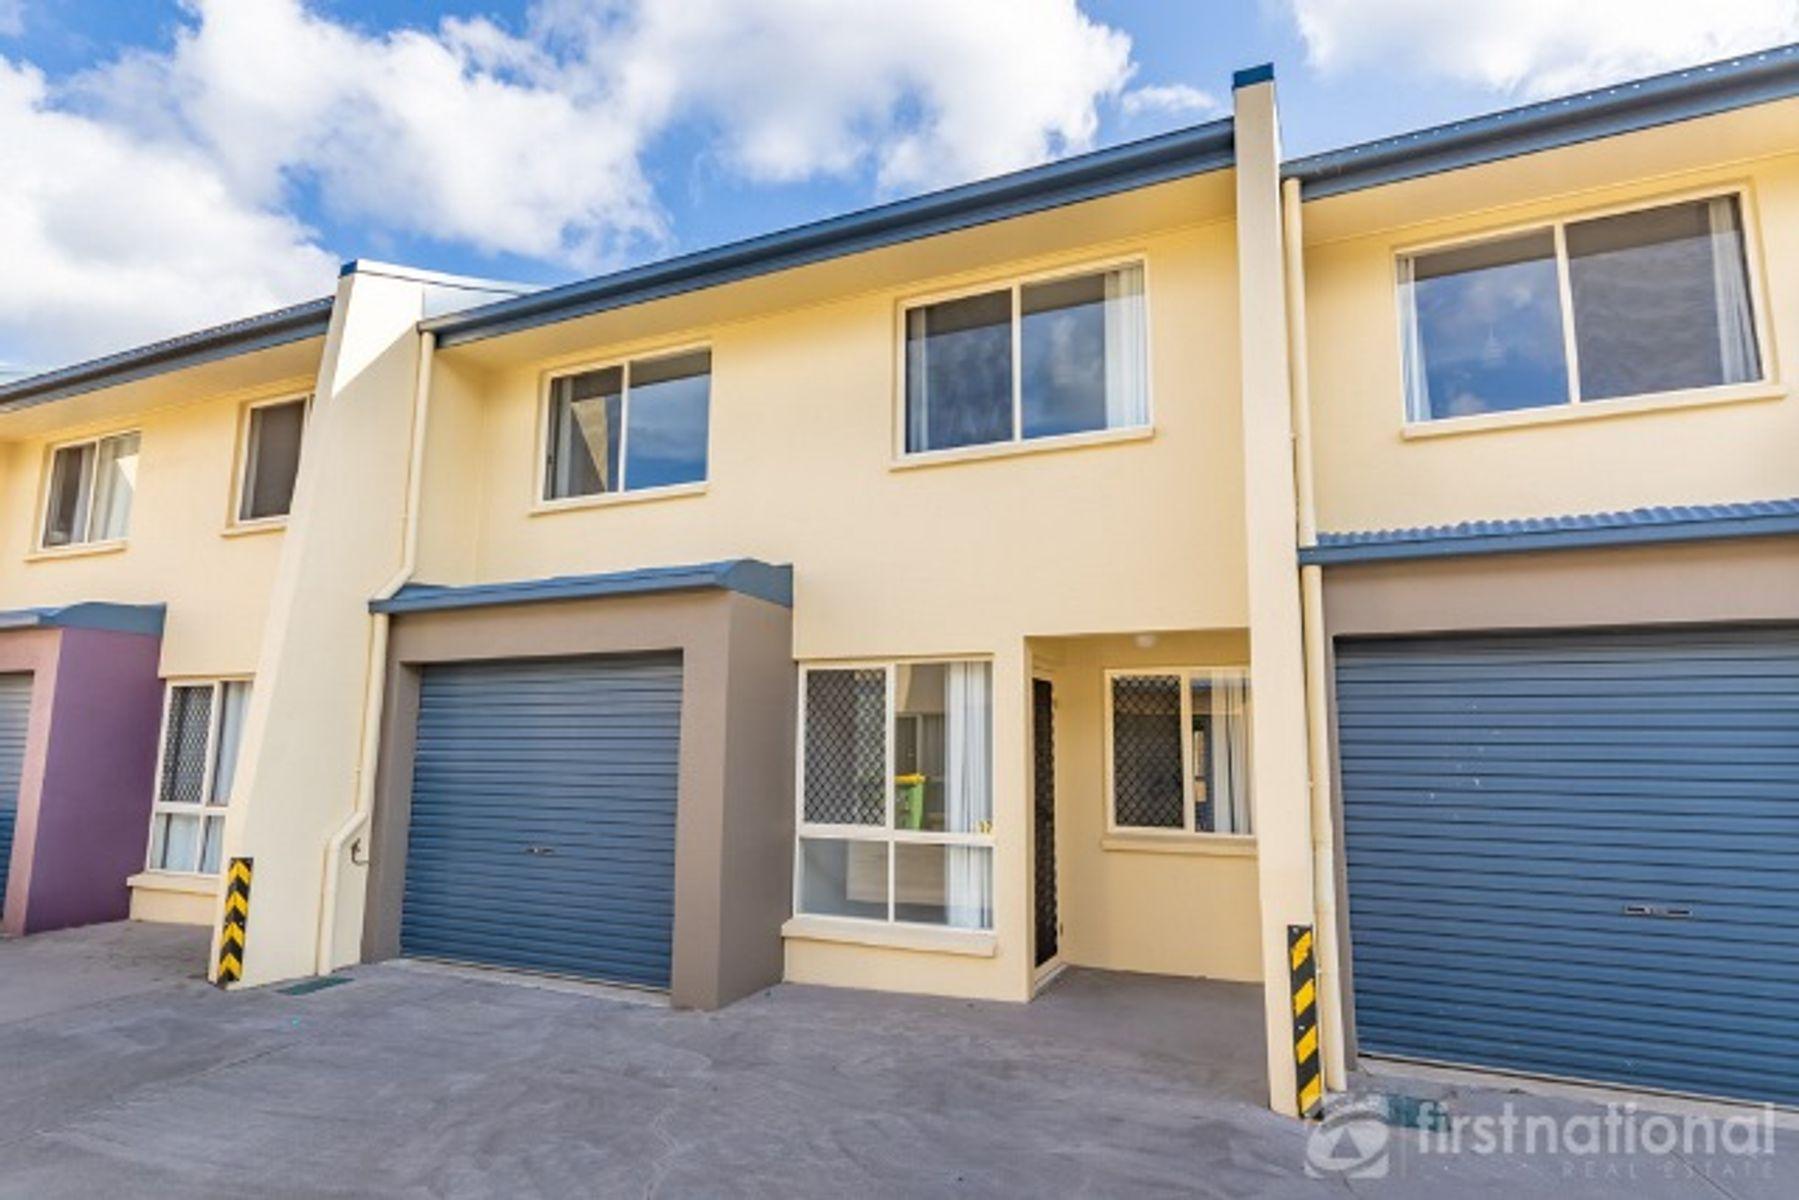 13/84 Simpson Street, Beerwah, QLD 4519